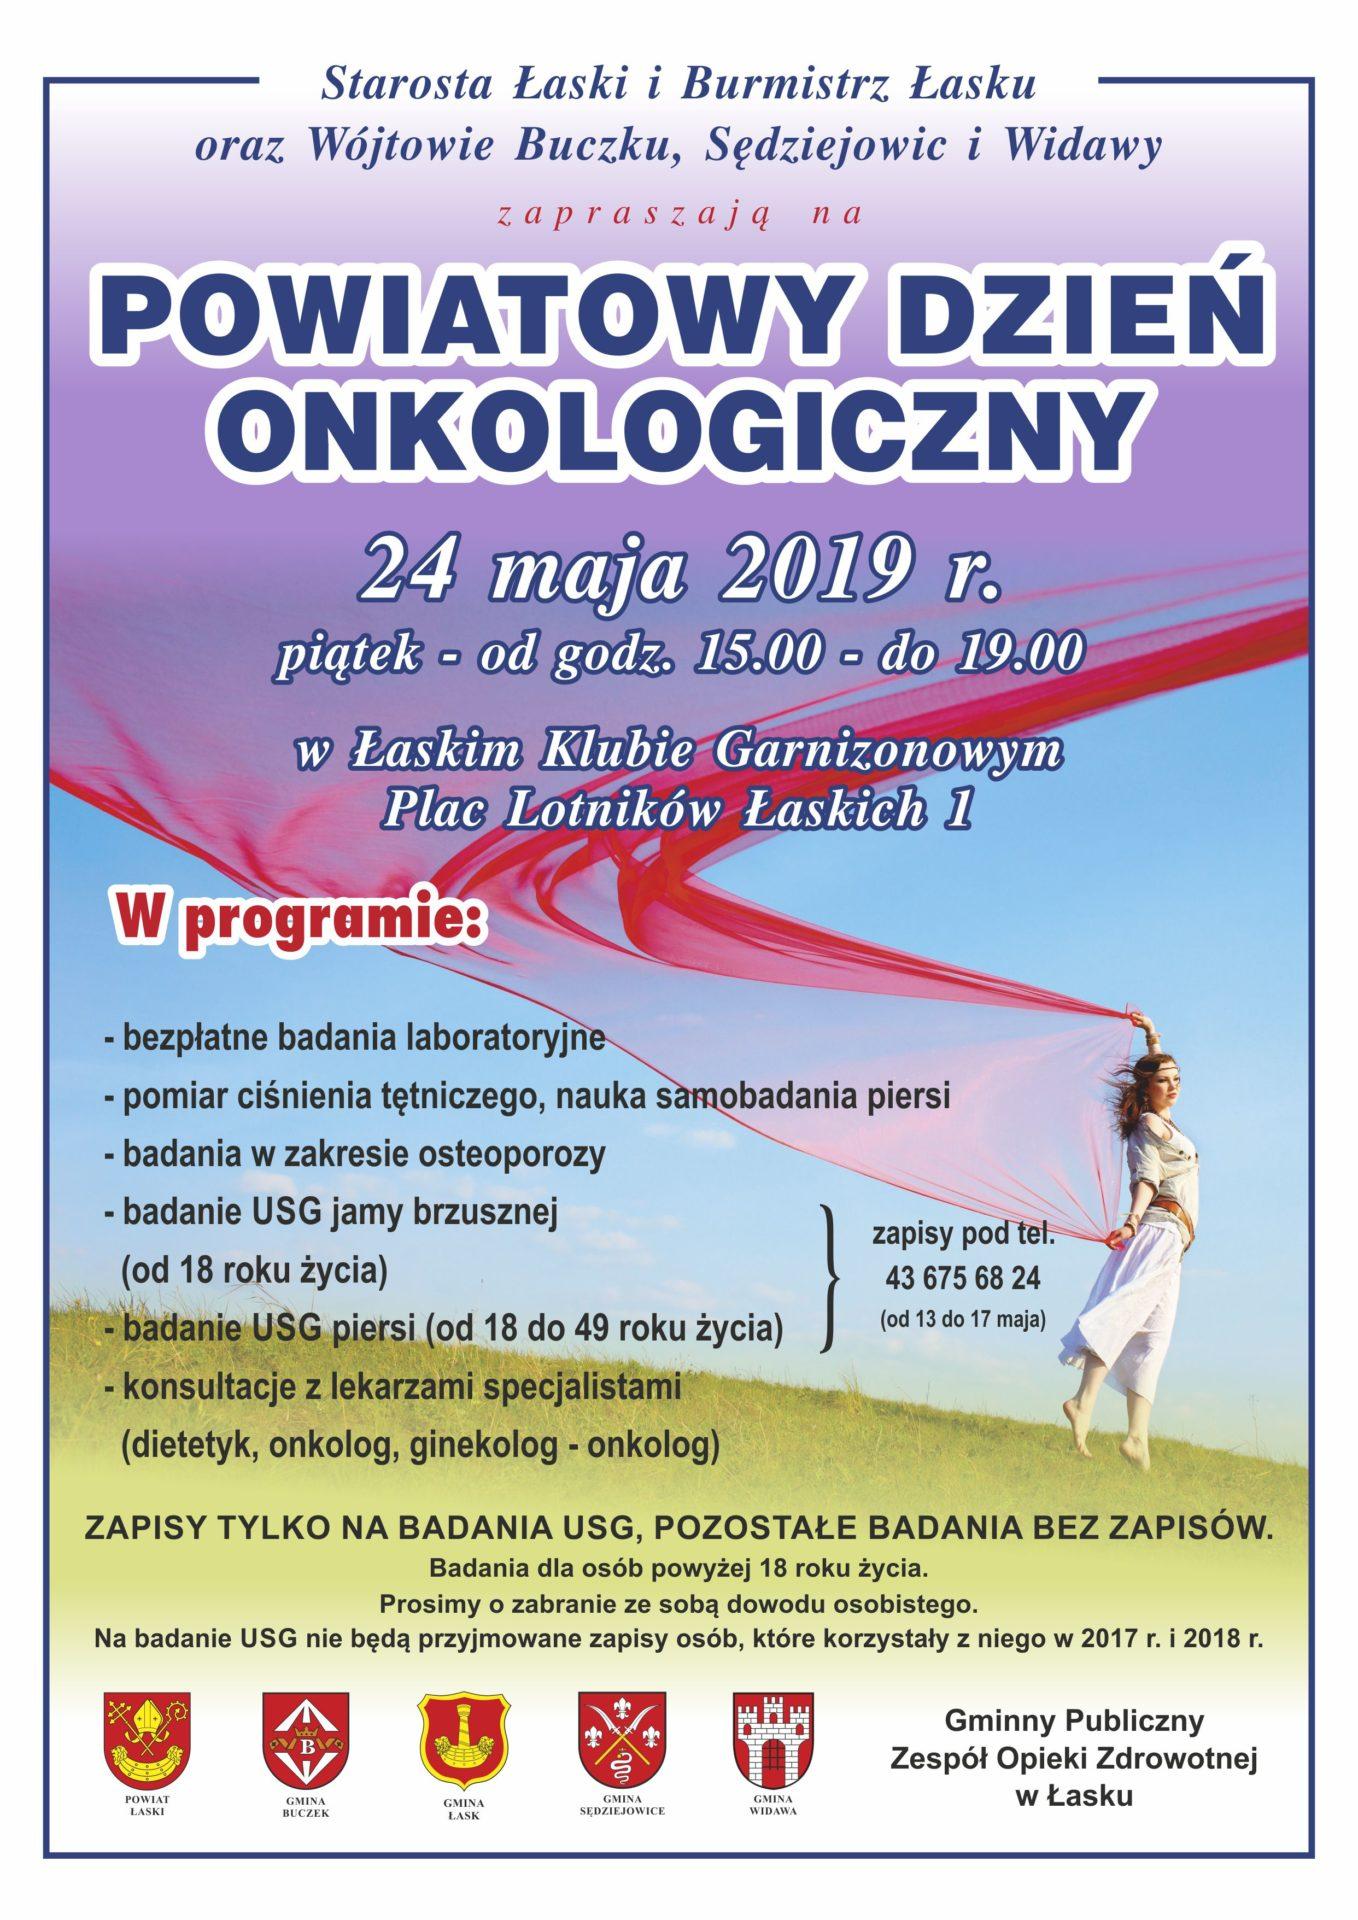 Powiatowy Dzień Onkologiczny